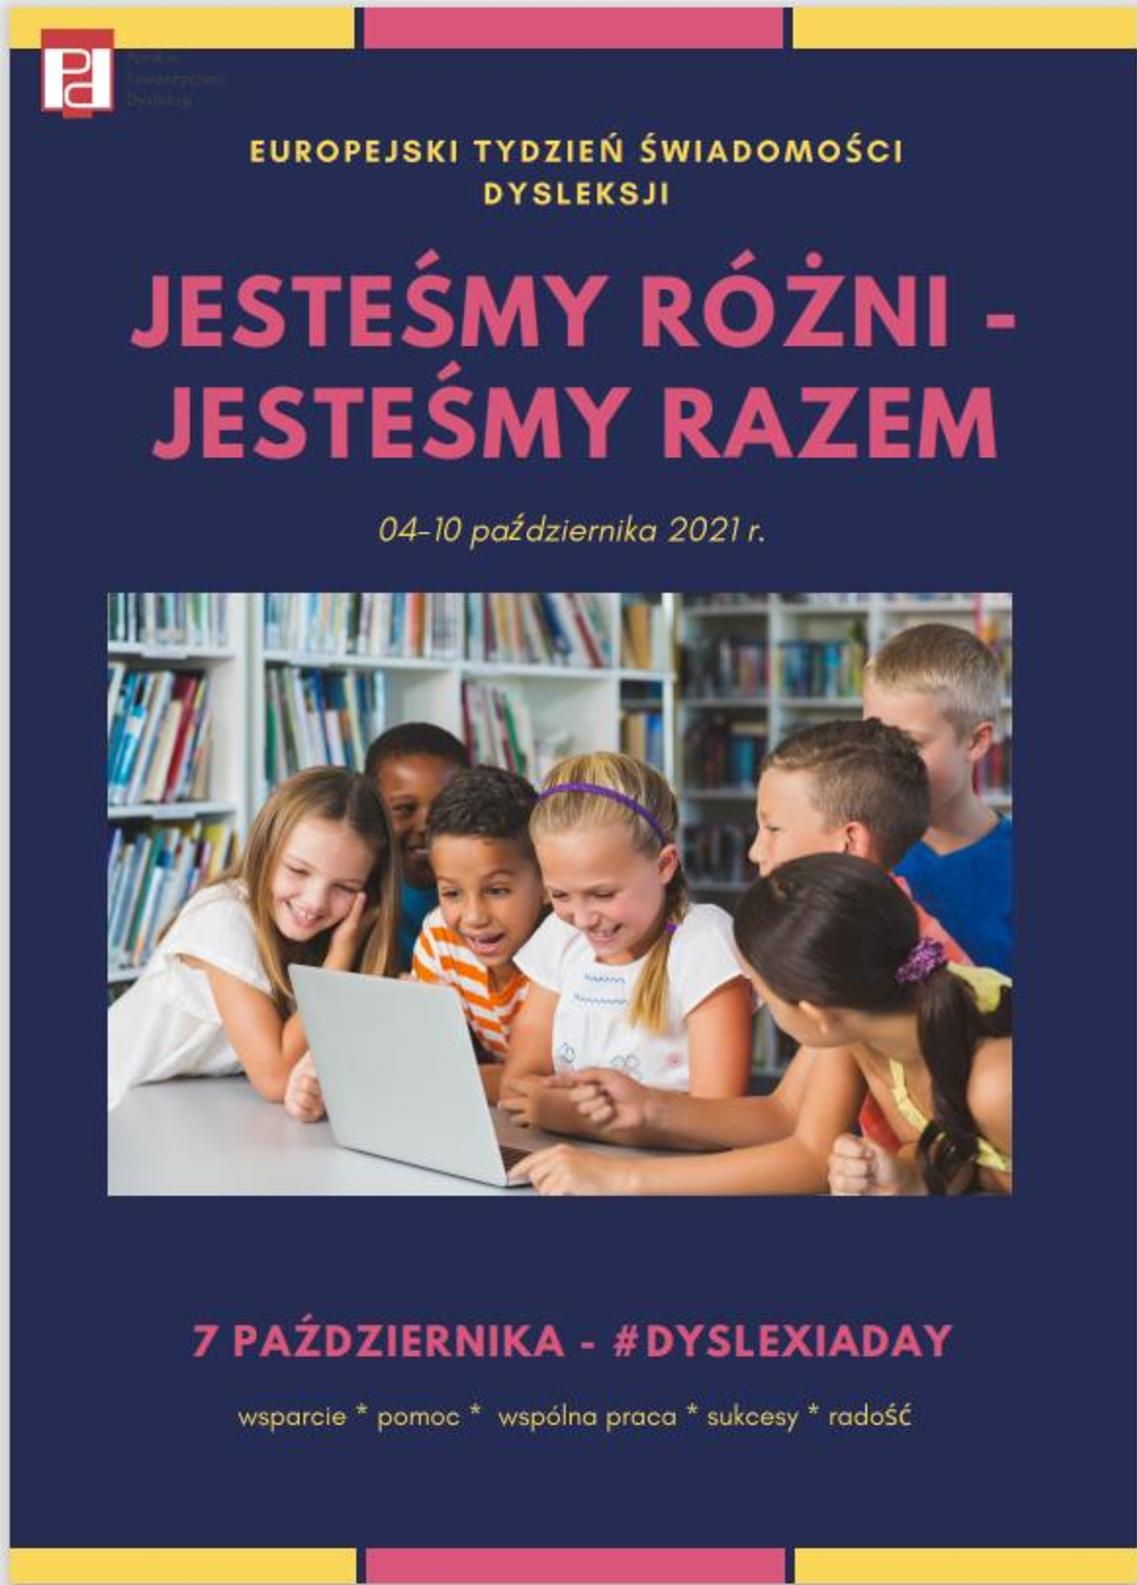 Europejski Tydzień Świadomości Dysleksji 2021/2022